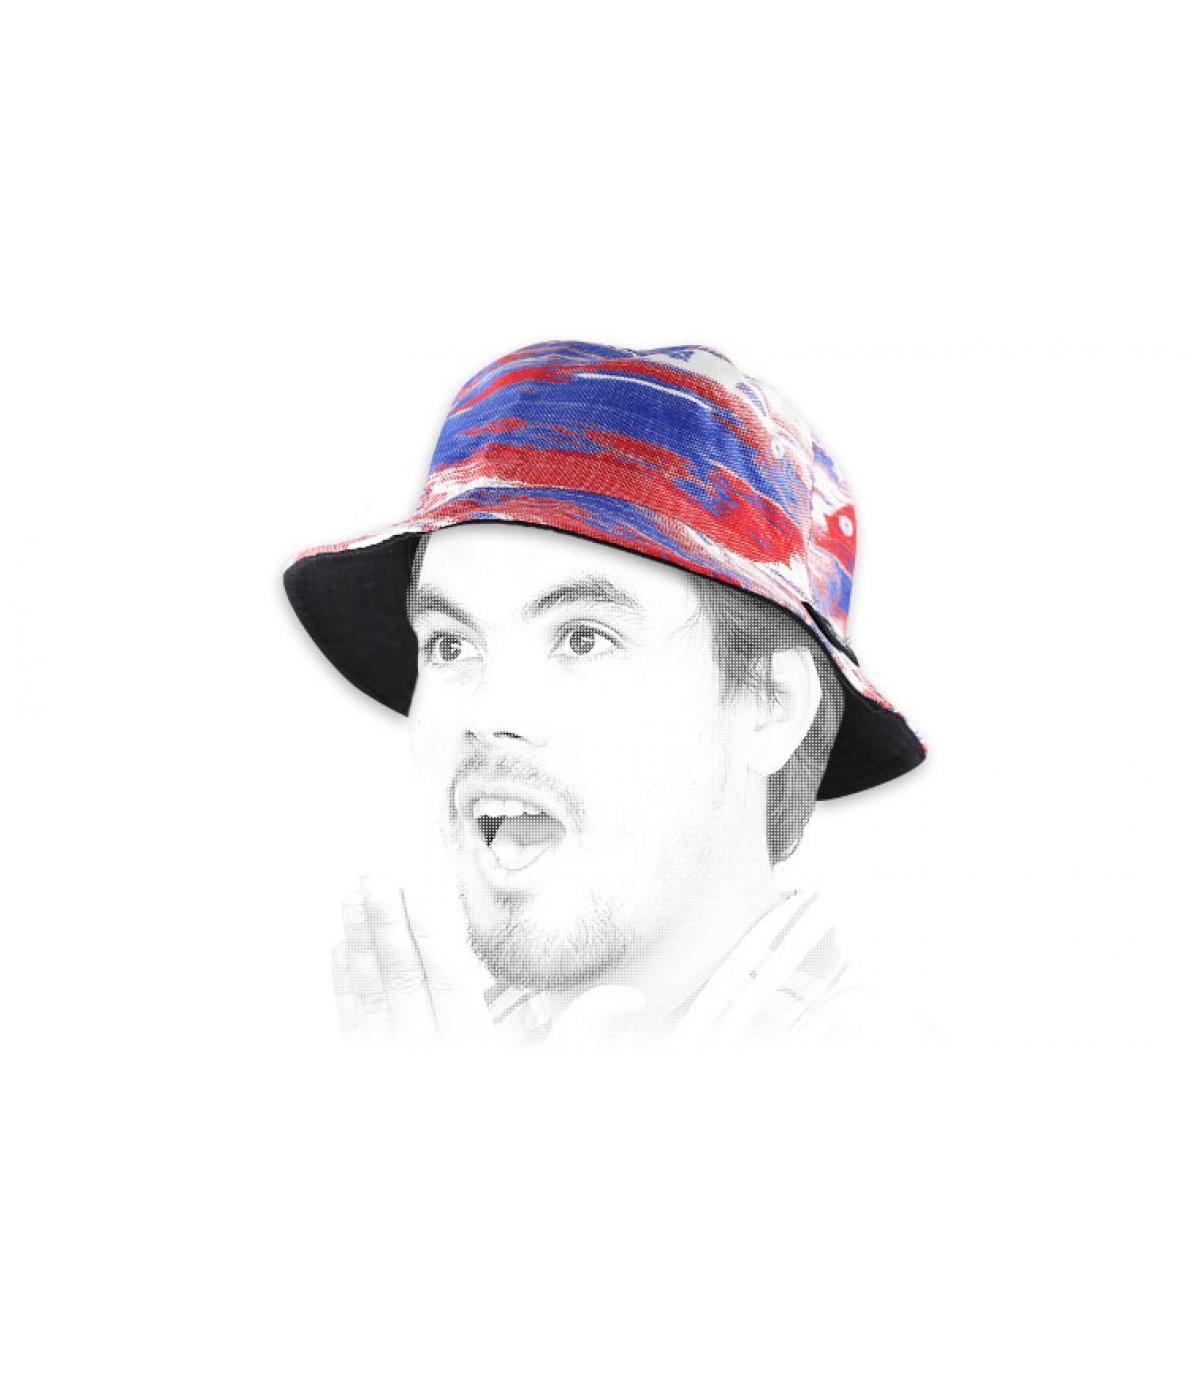 Détails Magnus bucket - image 3